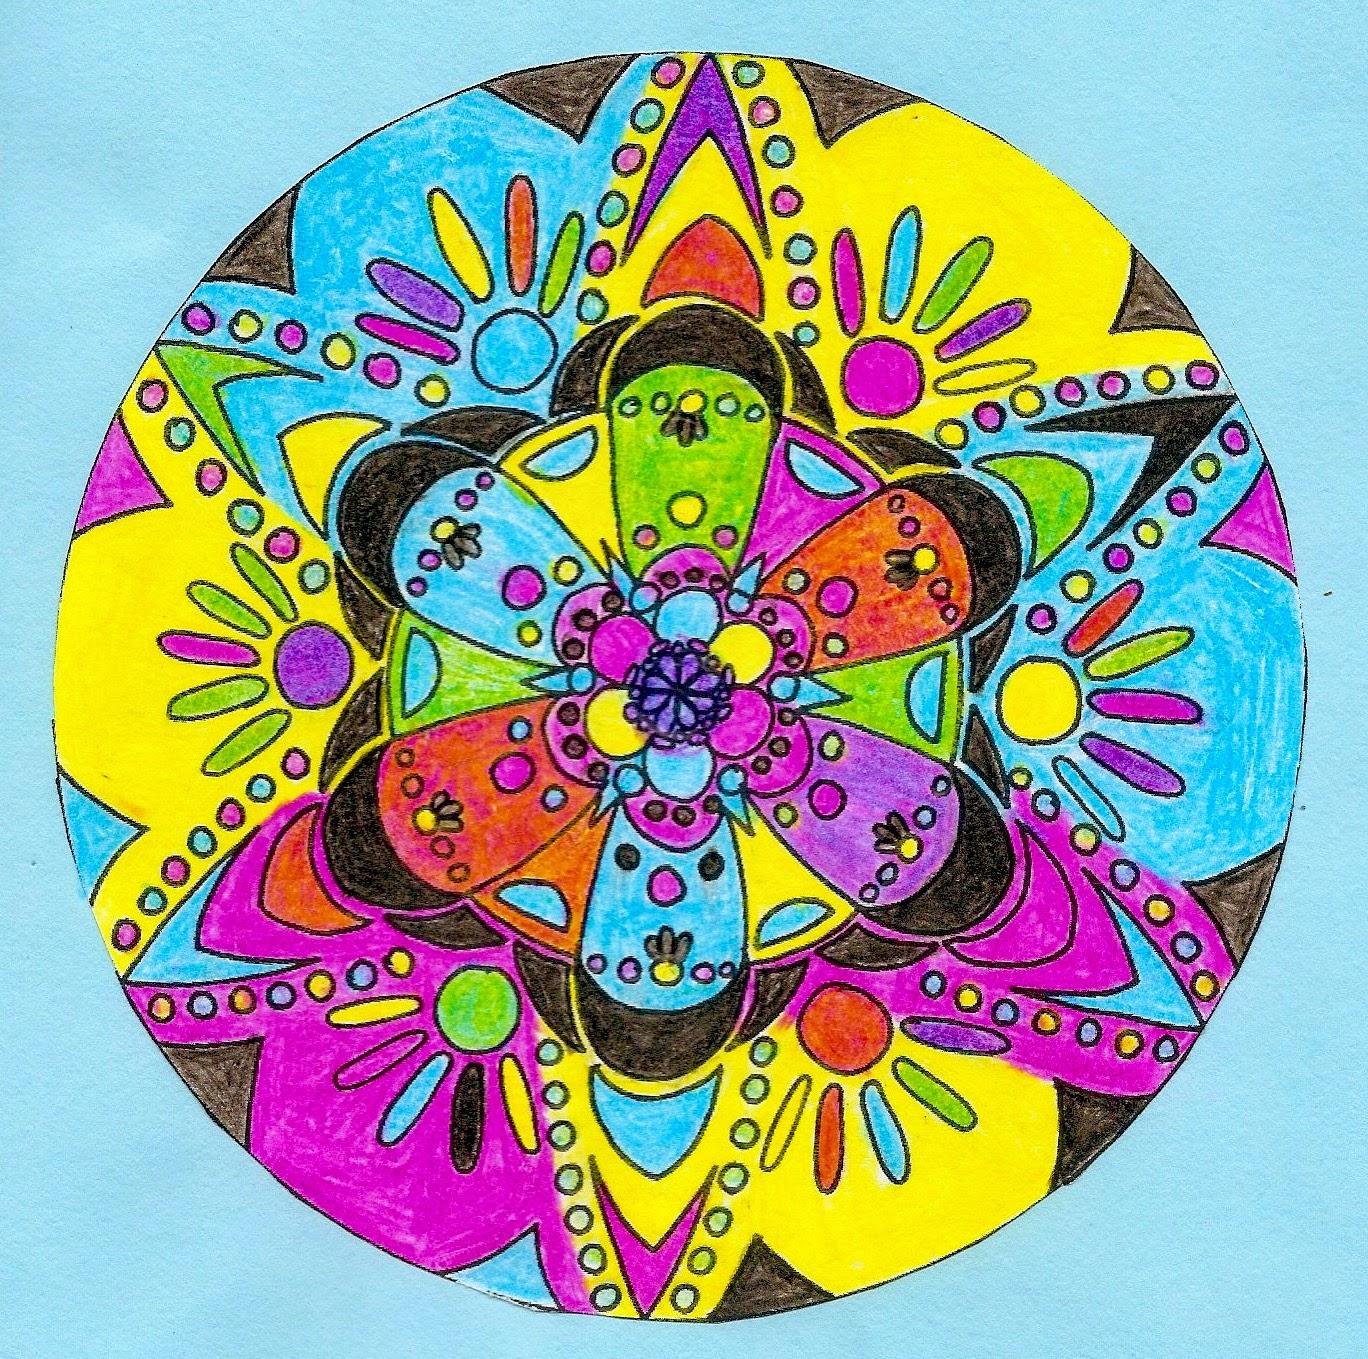 M ndalas de colores primarios 1 eso - Colores para mandalas ...